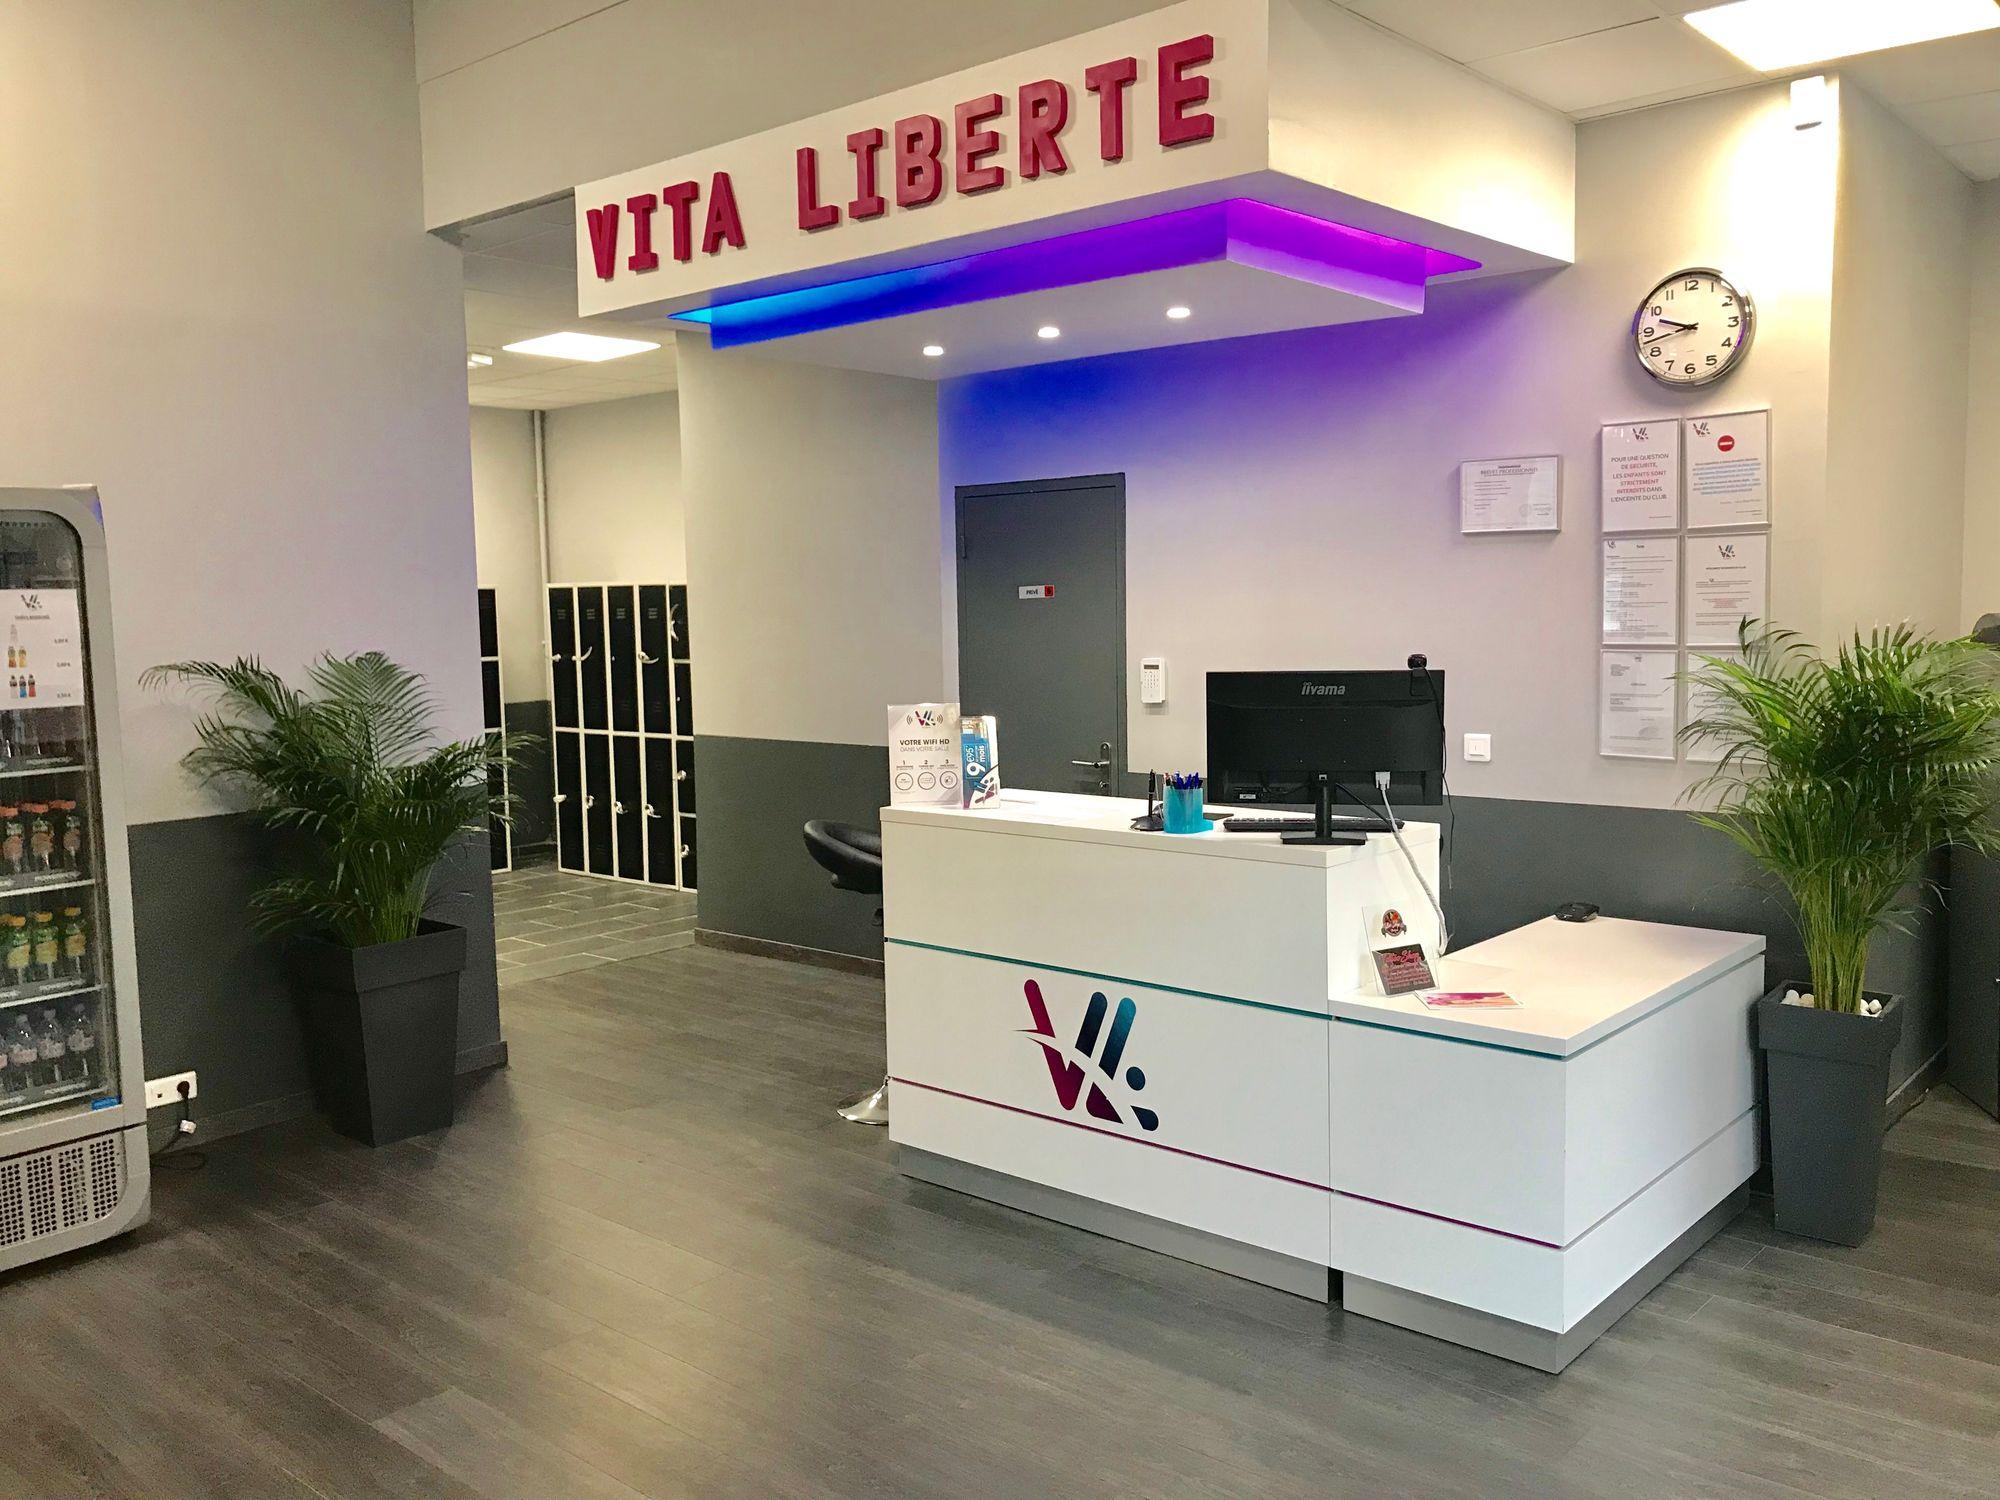 Salle de sport Vita liberté Martigues accueil